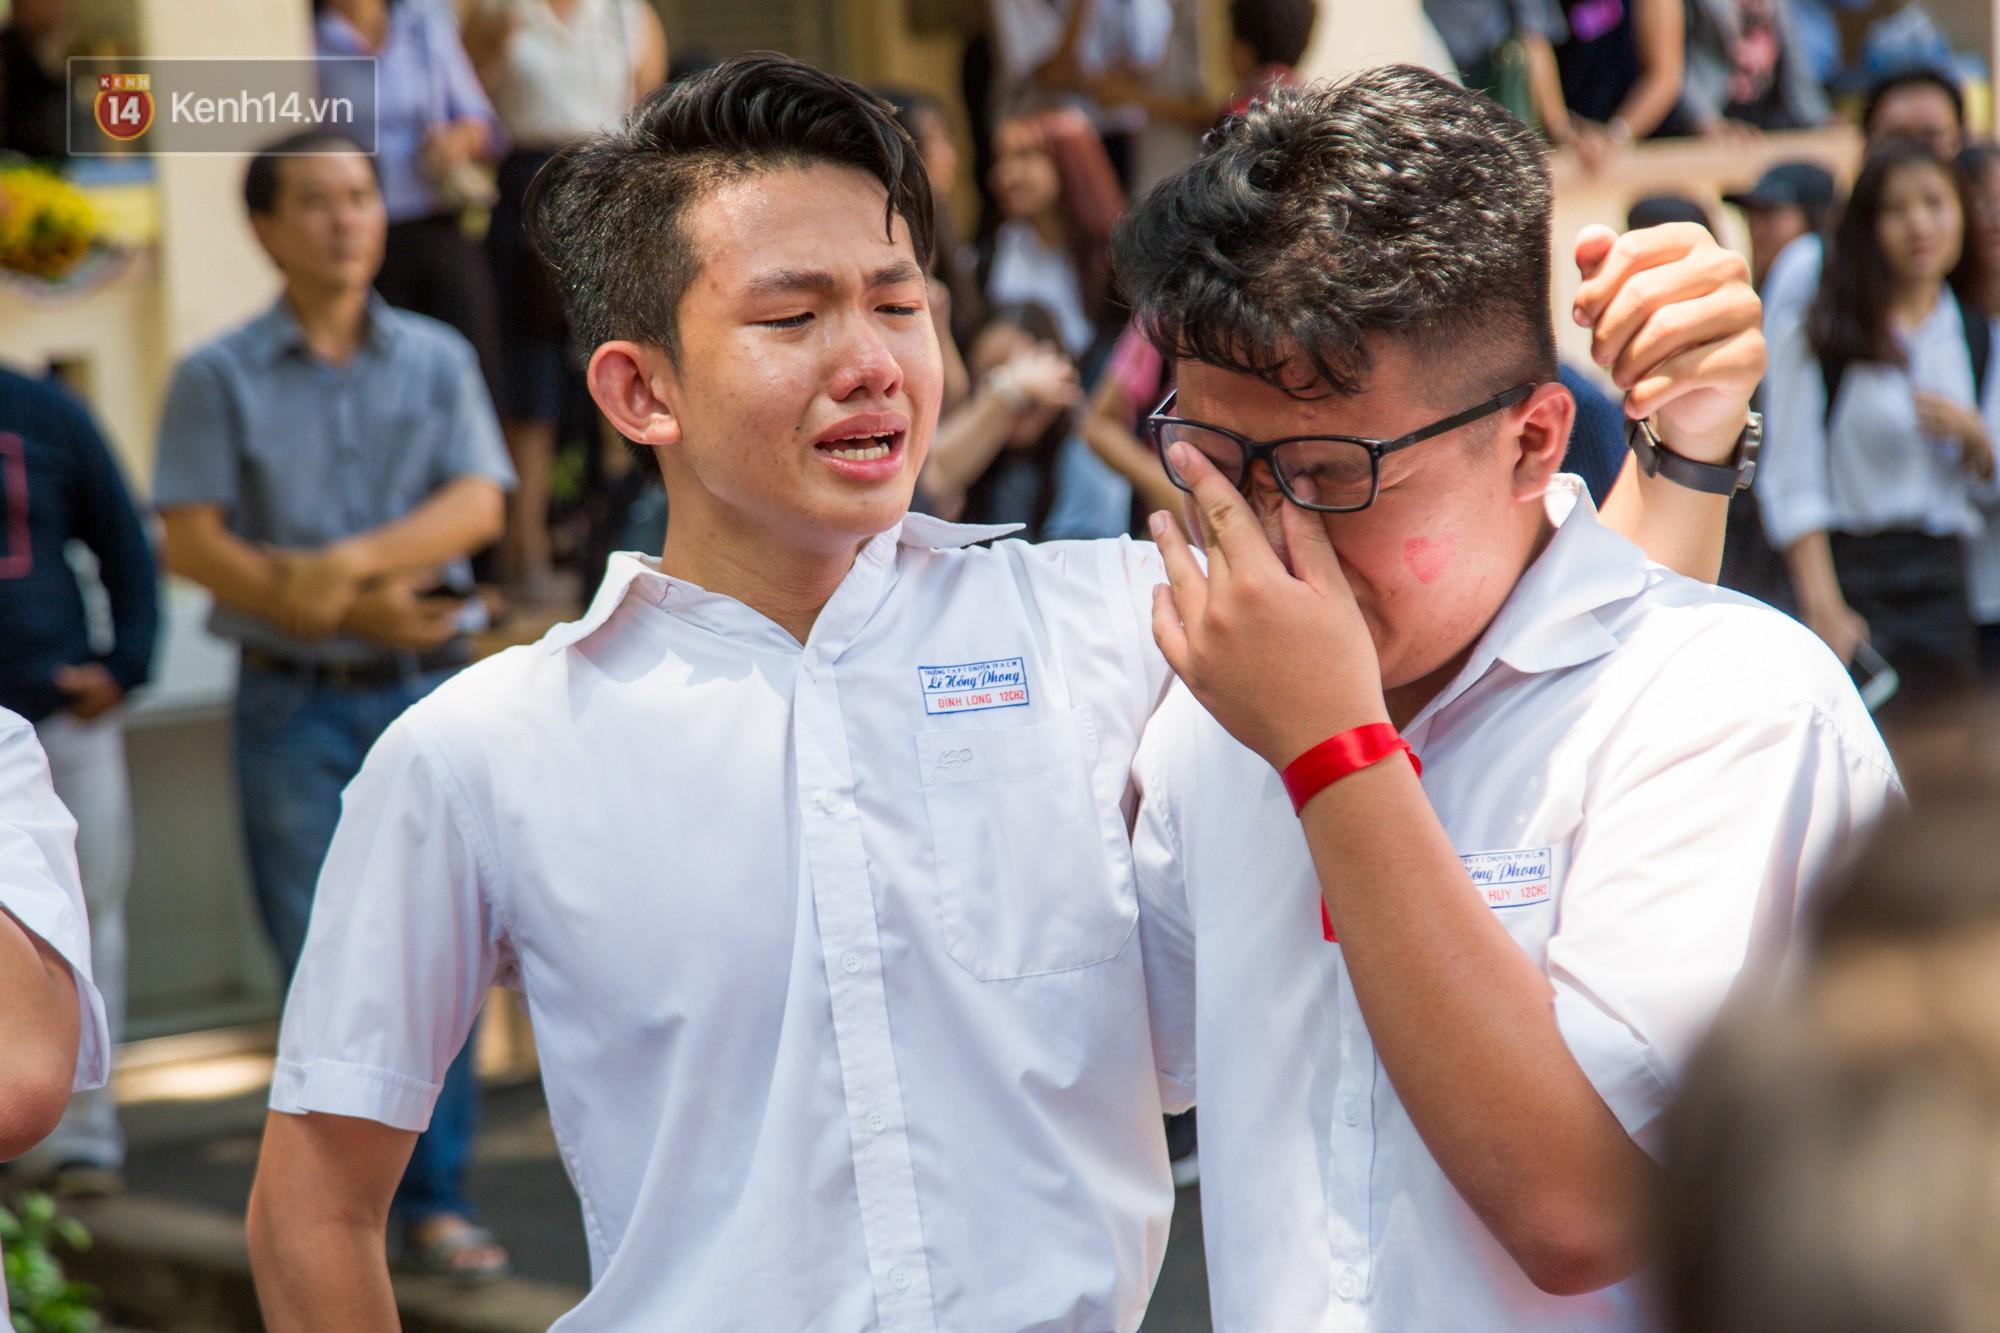 Ngày ra trường của teen Lê Hồng Phong: Nụ cười và nước mắt, bạn tôi ơi xin bên nhau thêm chút nữa! - Ảnh 9.